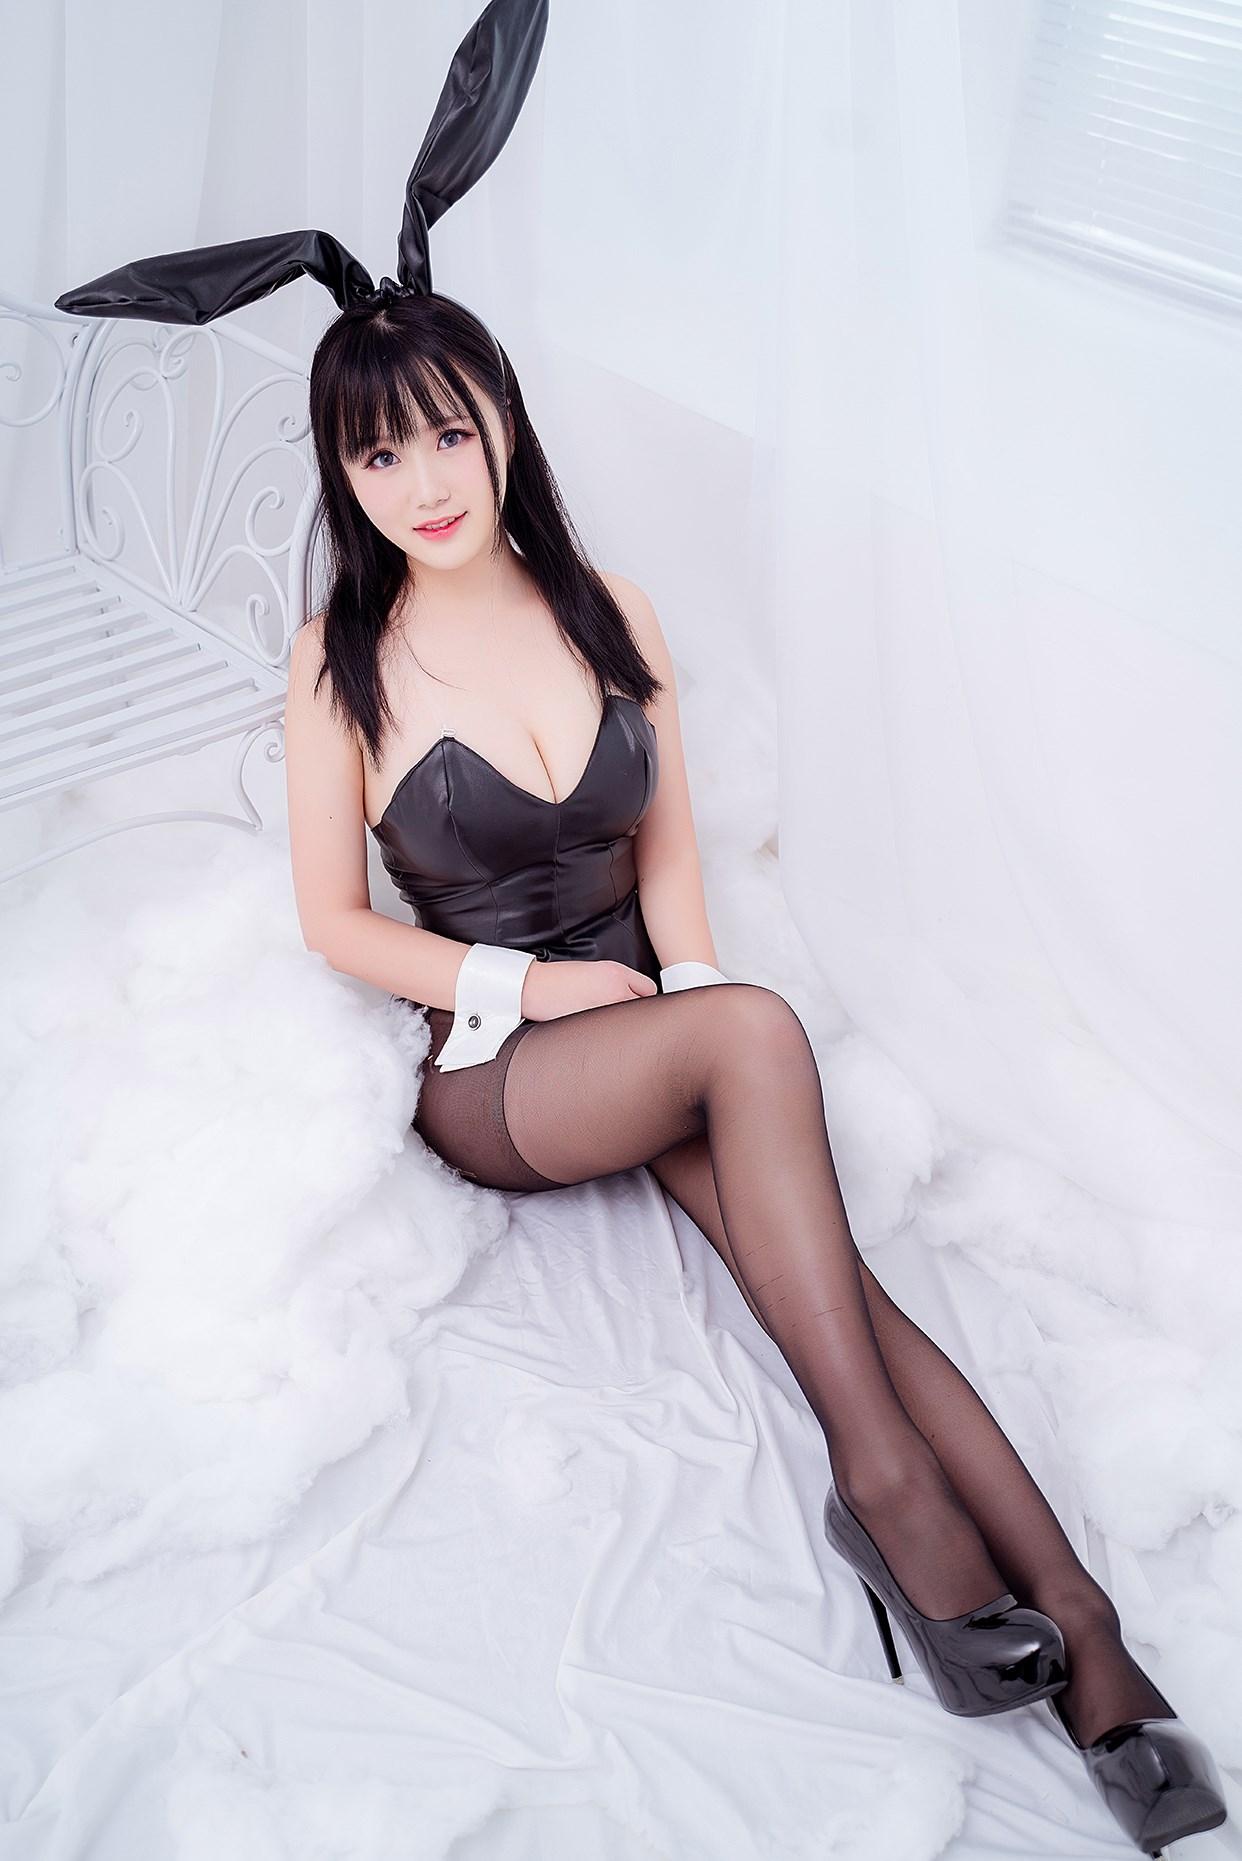 【兔玩映画】兔女郎vol.18-荼蘼 兔玩映画 第33张